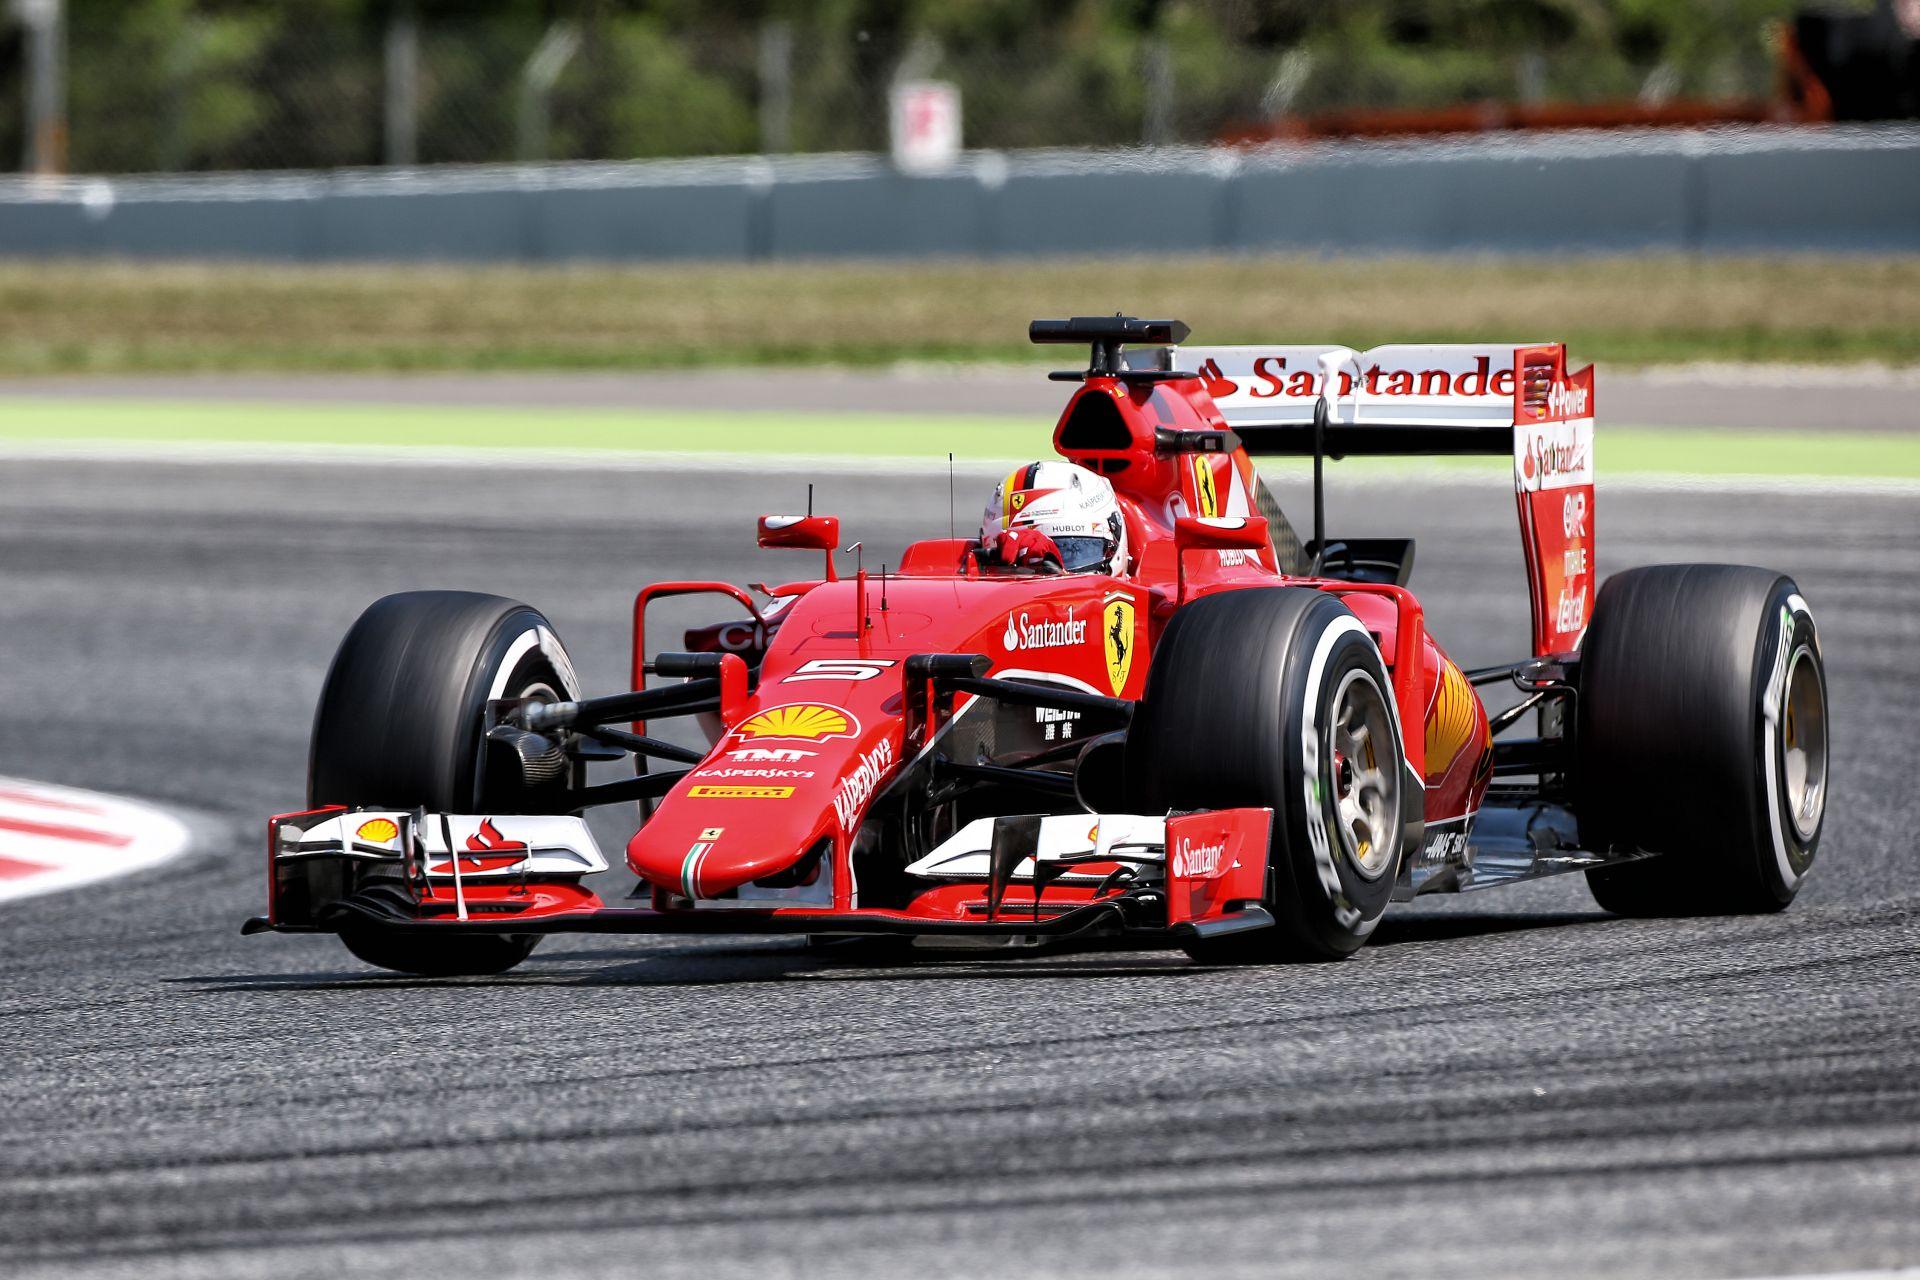 Ez ám az exkluzív F1-es anyag: Majdnem 2 óra onboard a Spanyol Nagydíjról!